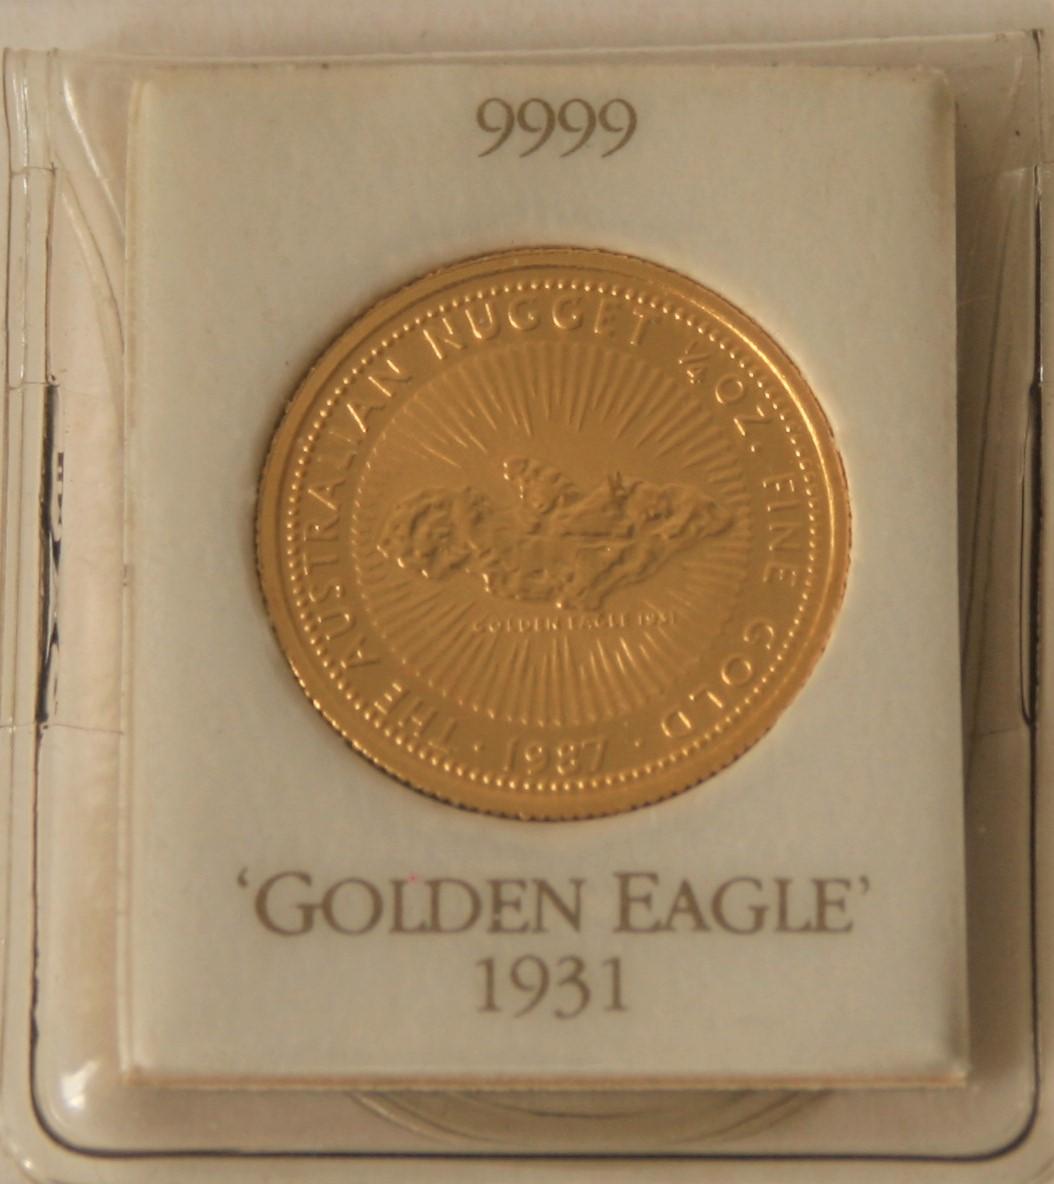 Pièce en or 999 Élisabeth II Australia Gold Nugget 1/4 Oz 25$, 1987 - Poids : 7,78 [...]